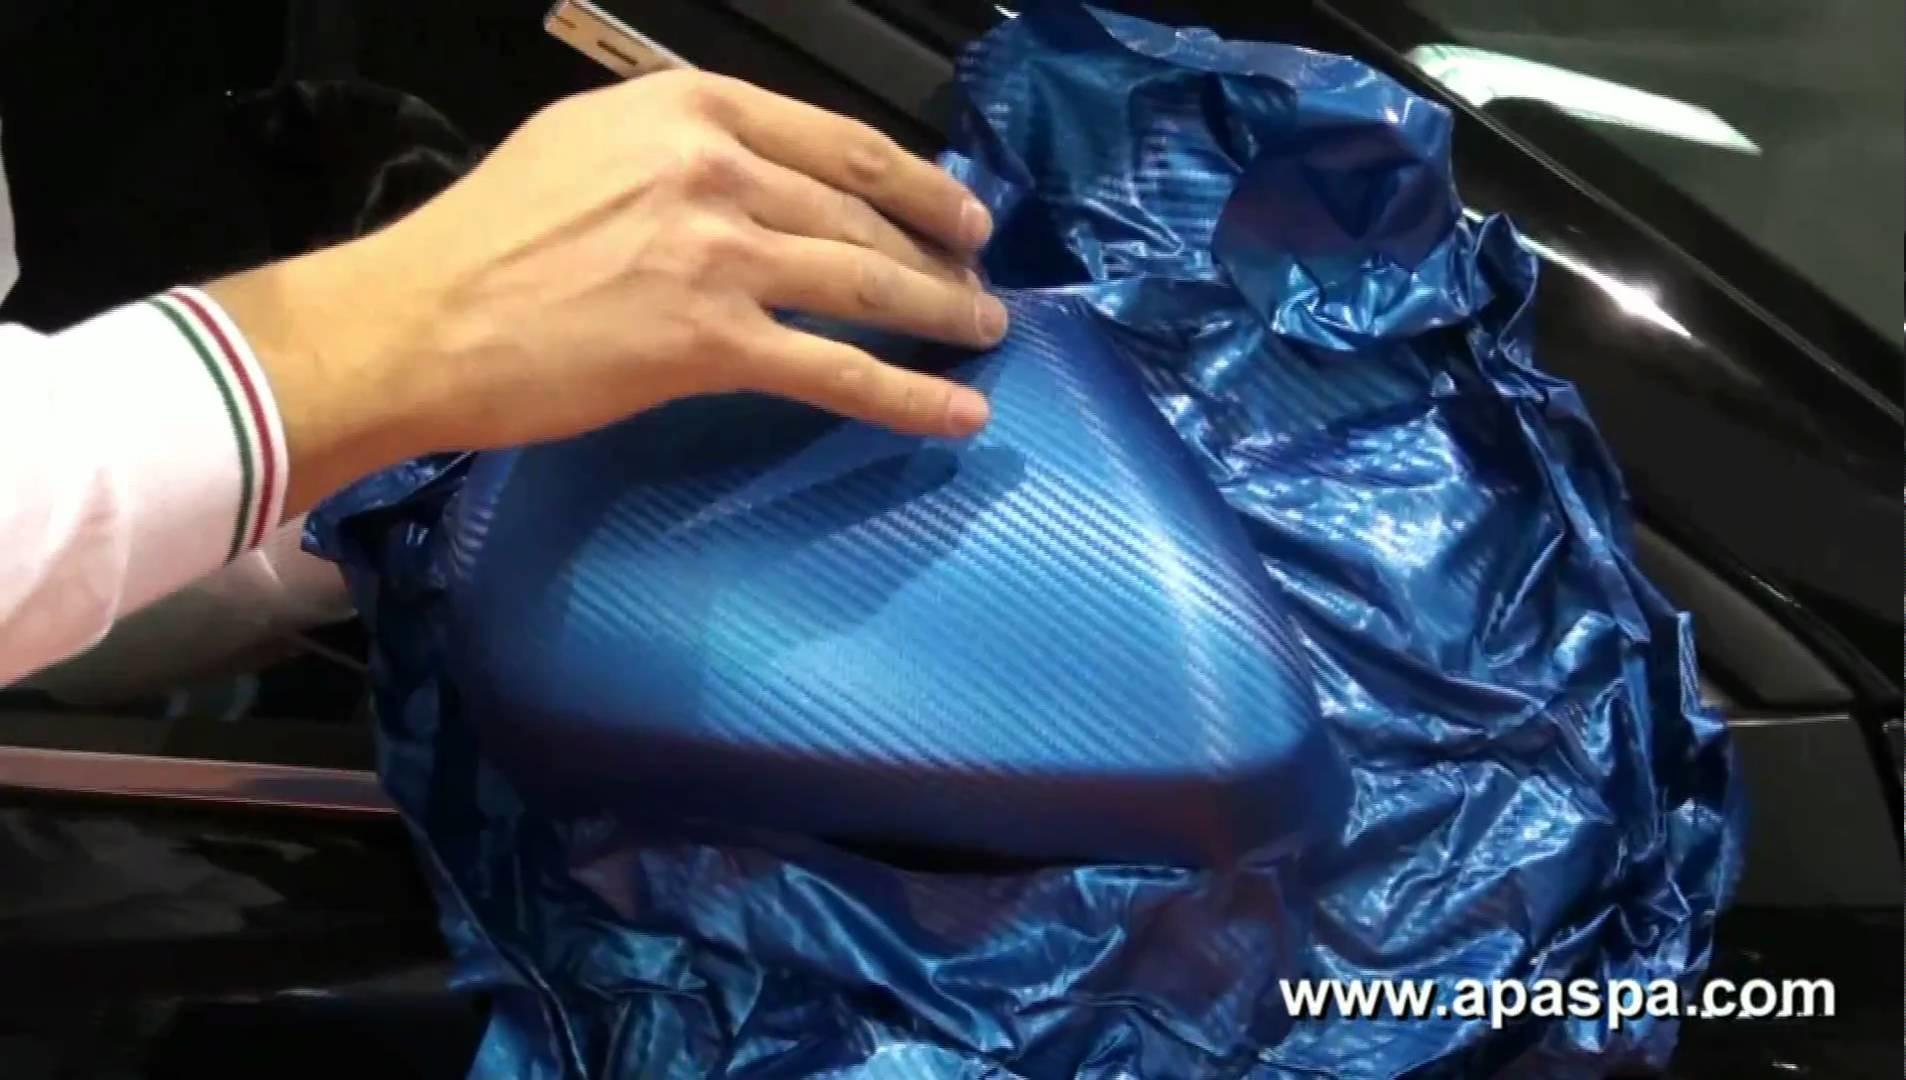 Blue carbon fiber vinyl. Pellicola carbonio blu - APA